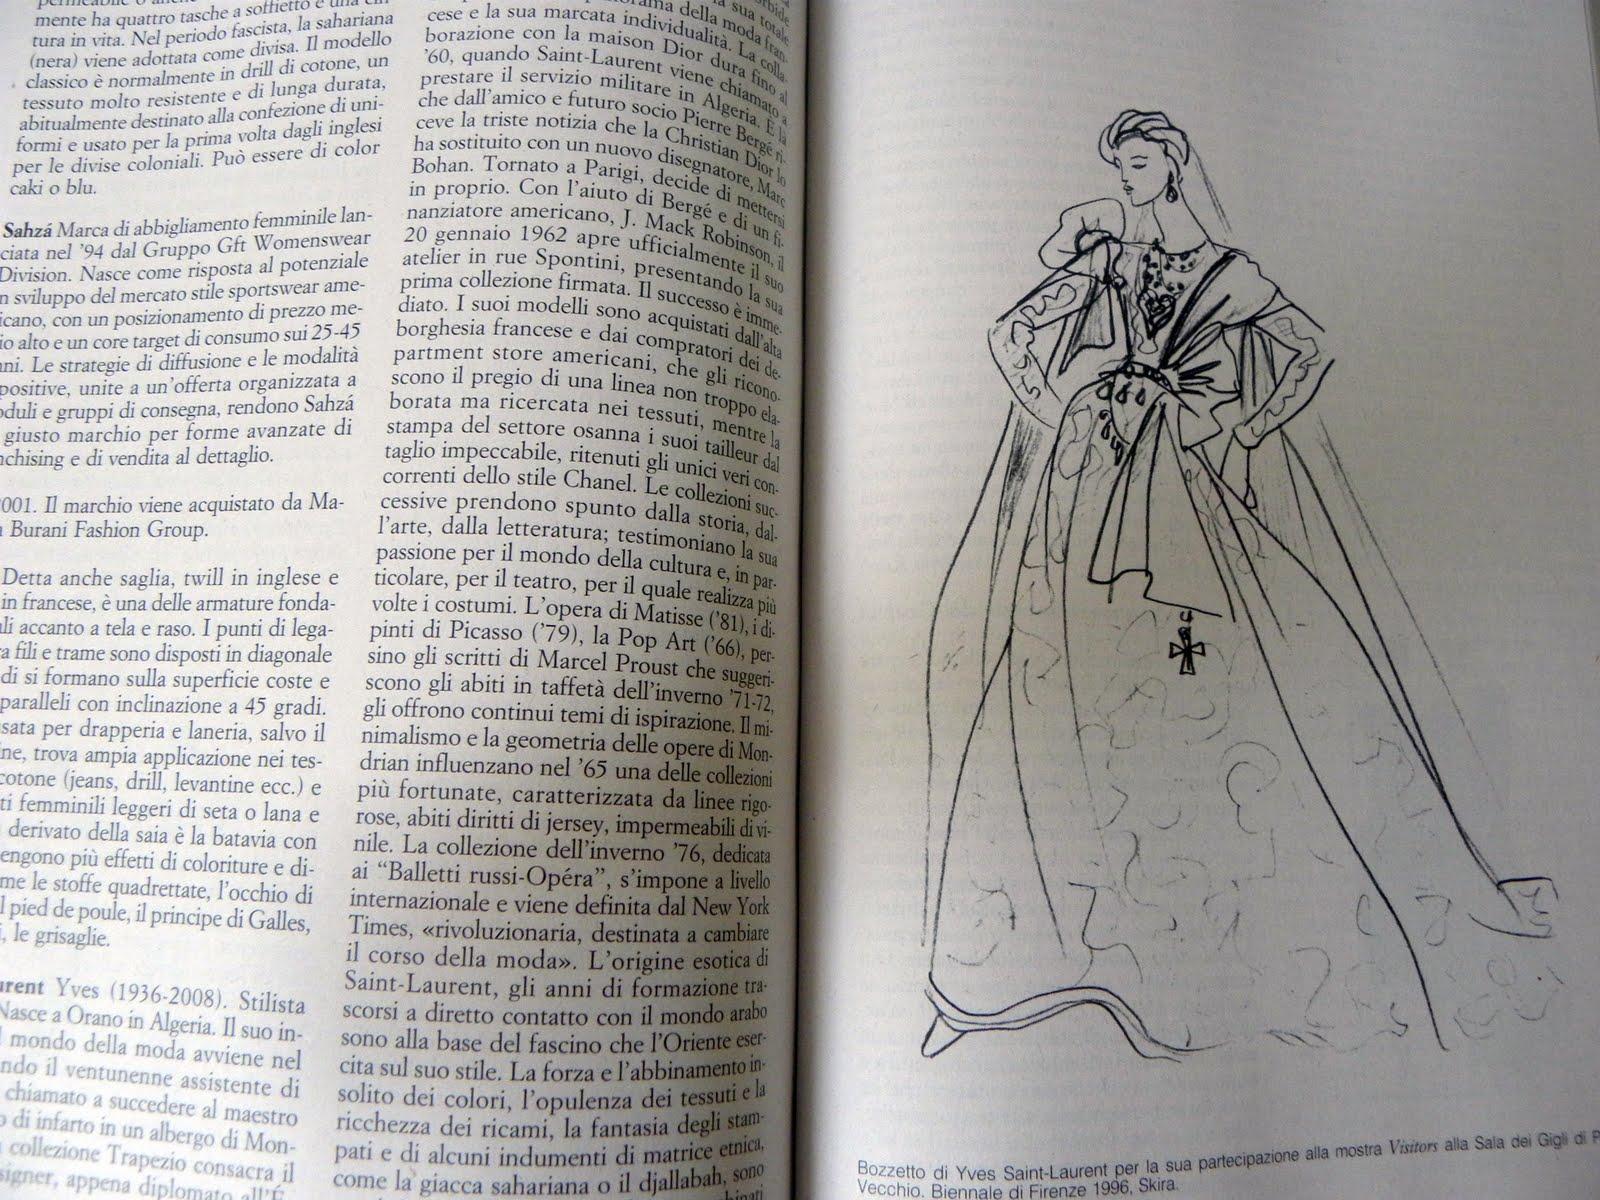 1) Dizionario della Moda autore  Guido Vergani editore  Baldini - Castoldi  - Dalai edizione  2010 prezzo  45€ Tutte le voci della moda  stilisti c16d07f49814